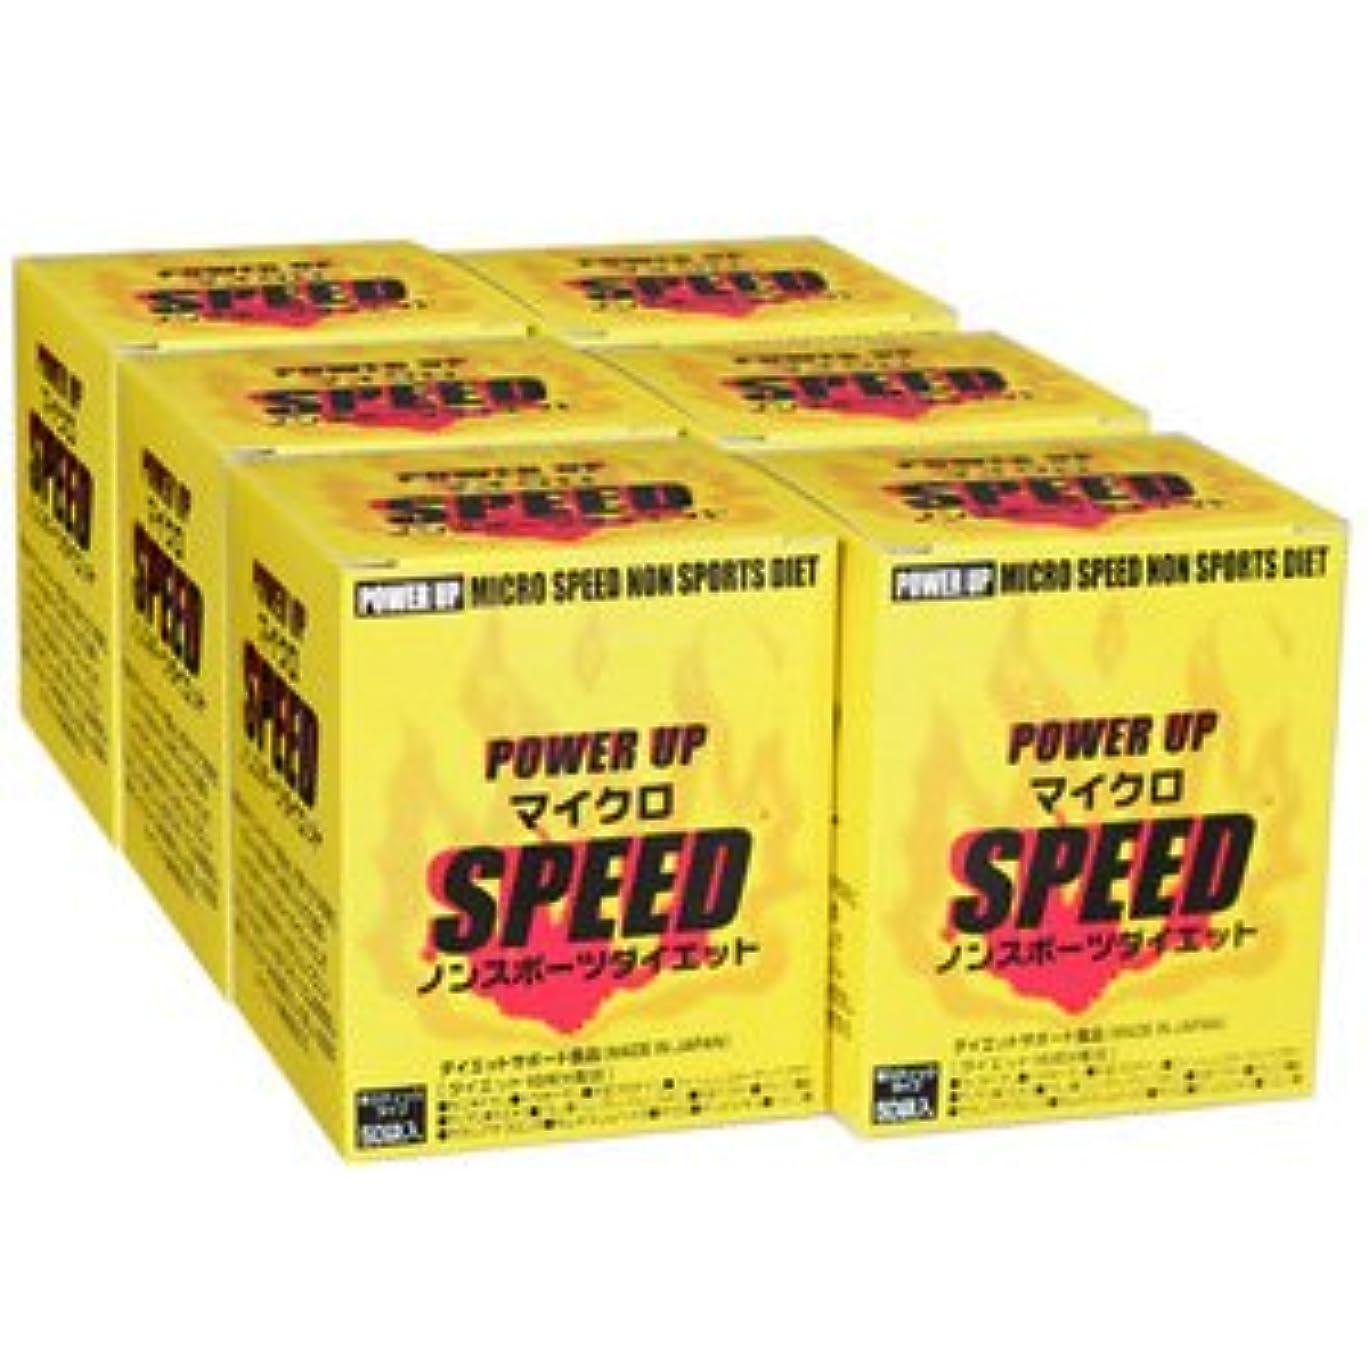 取り出すコンデンサーシネママイクロスピードノンスポーツダイエット 6箱